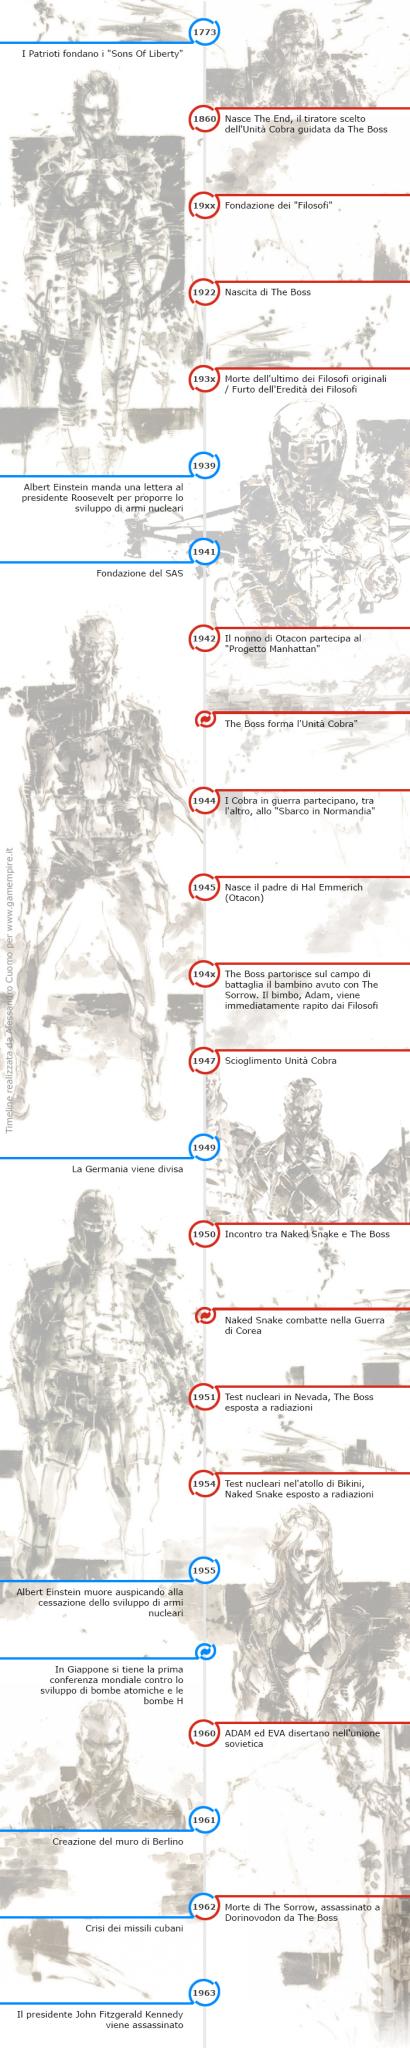 Linea del Tempo Metal Gear Solid